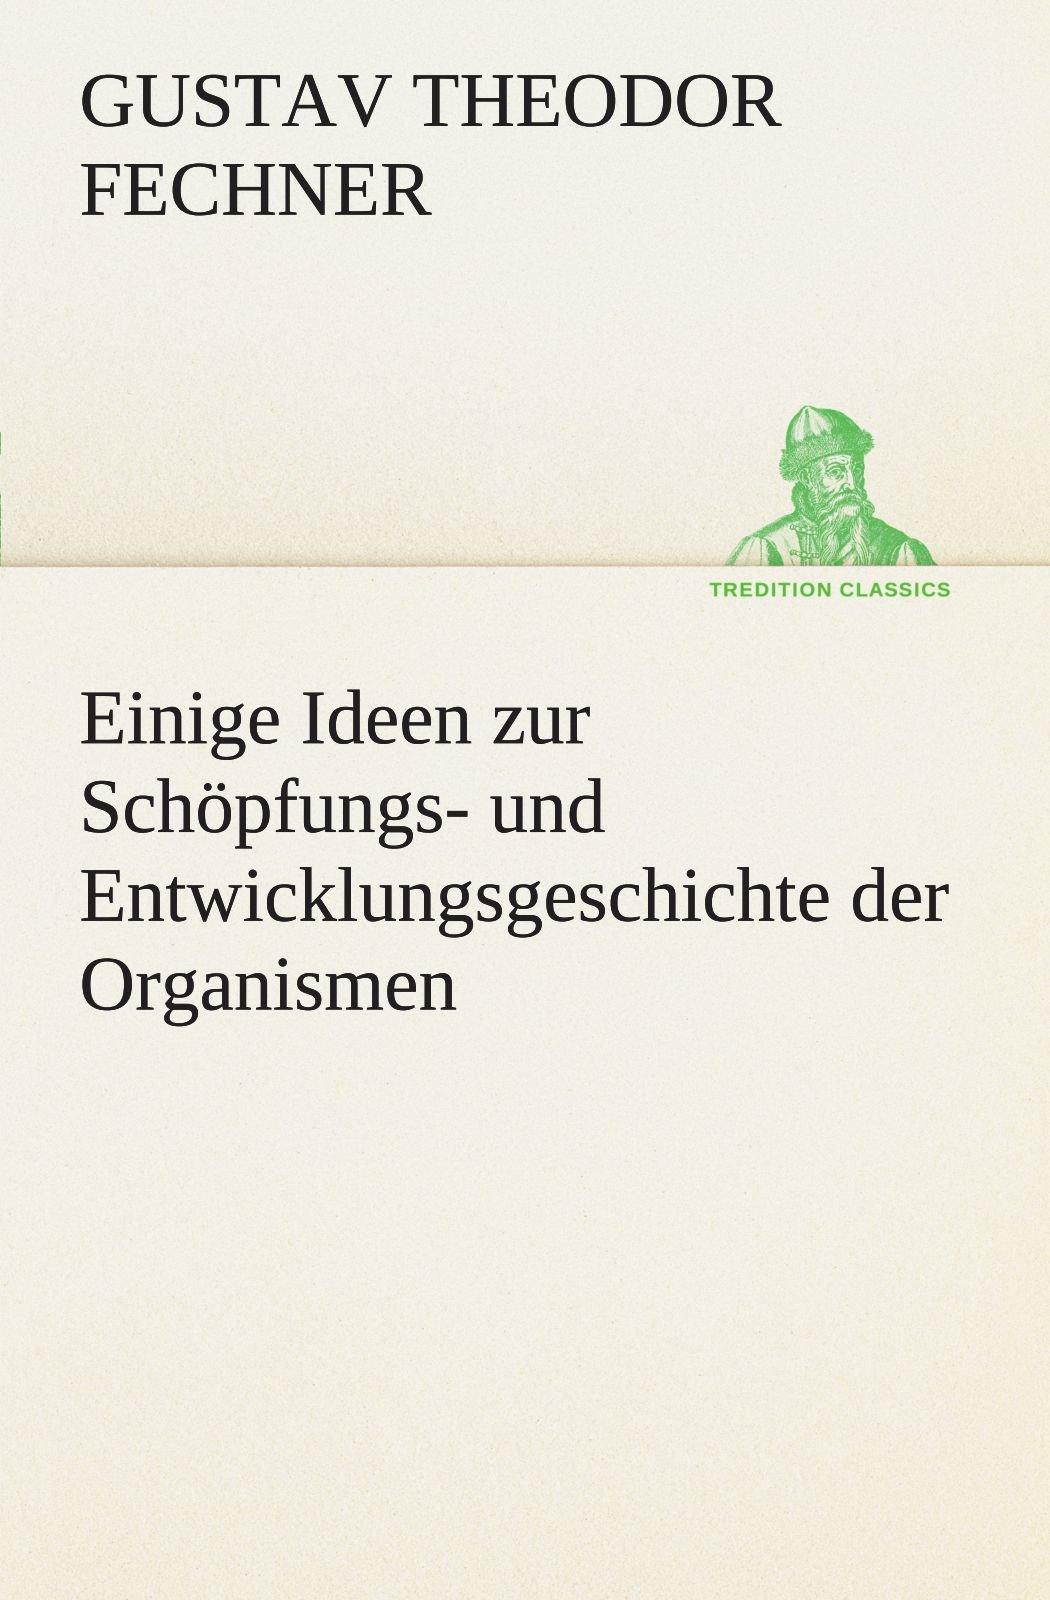 Download Einige Ideen zur Schöpfungs- und Entwicklungsgeschichte der Organismen (TREDITION CLASSICS) (German Edition) pdf epub